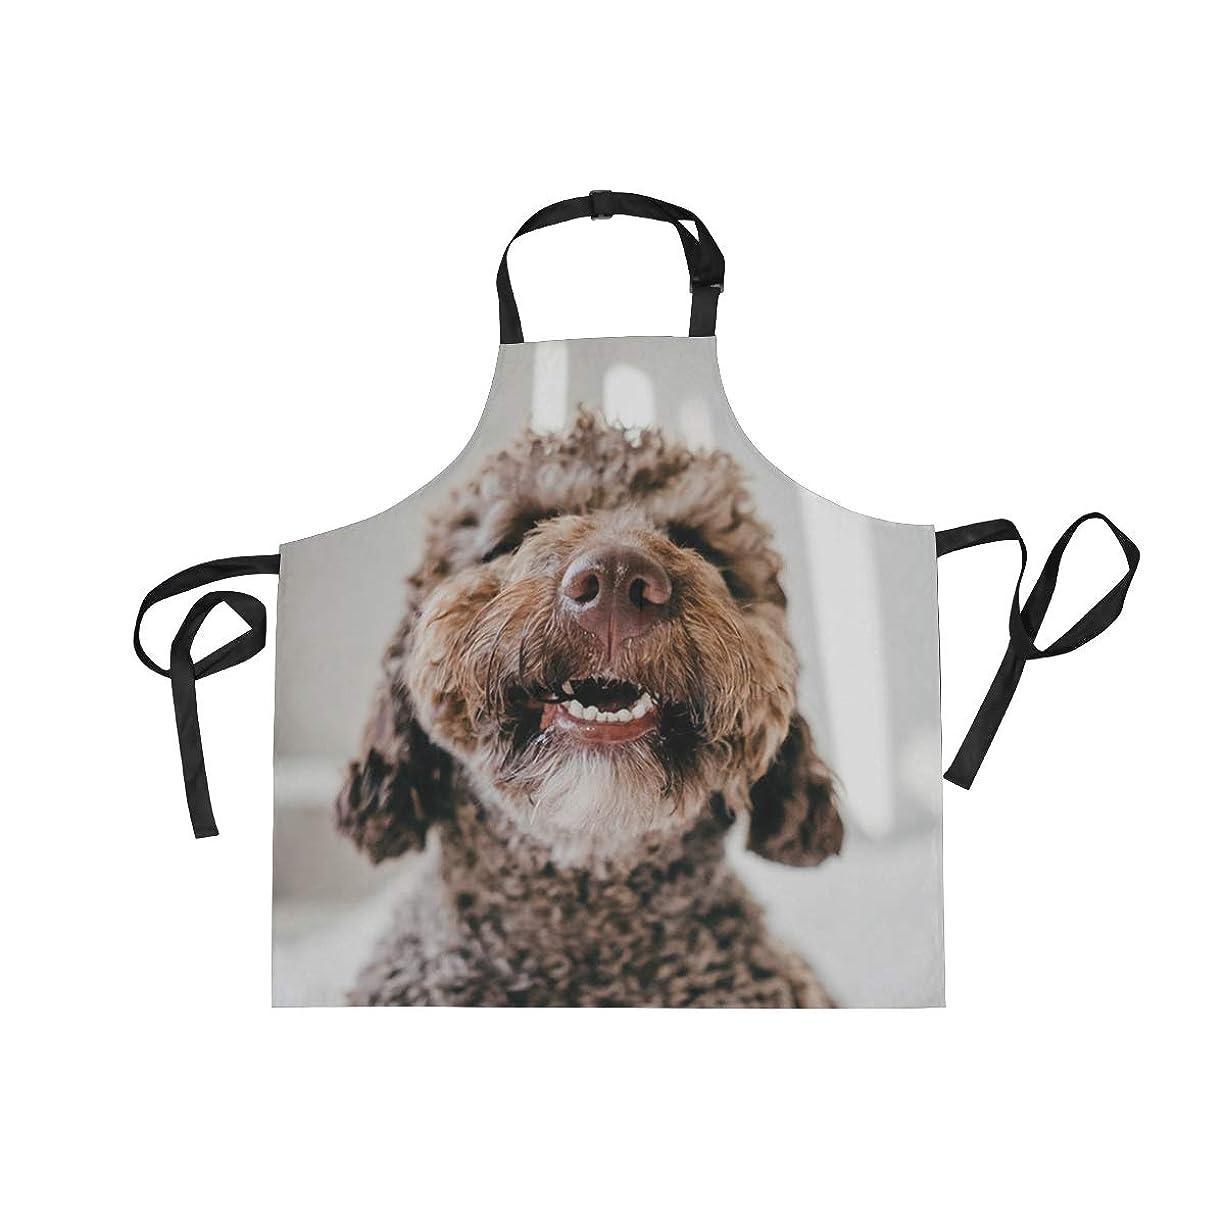 アッパー愛人アラートエプロン カフェエプロン 茶色のスペインの水犬 首掛け 調節可能 撥水 防汚 飲食店 仕事用 家庭用 男女兼用